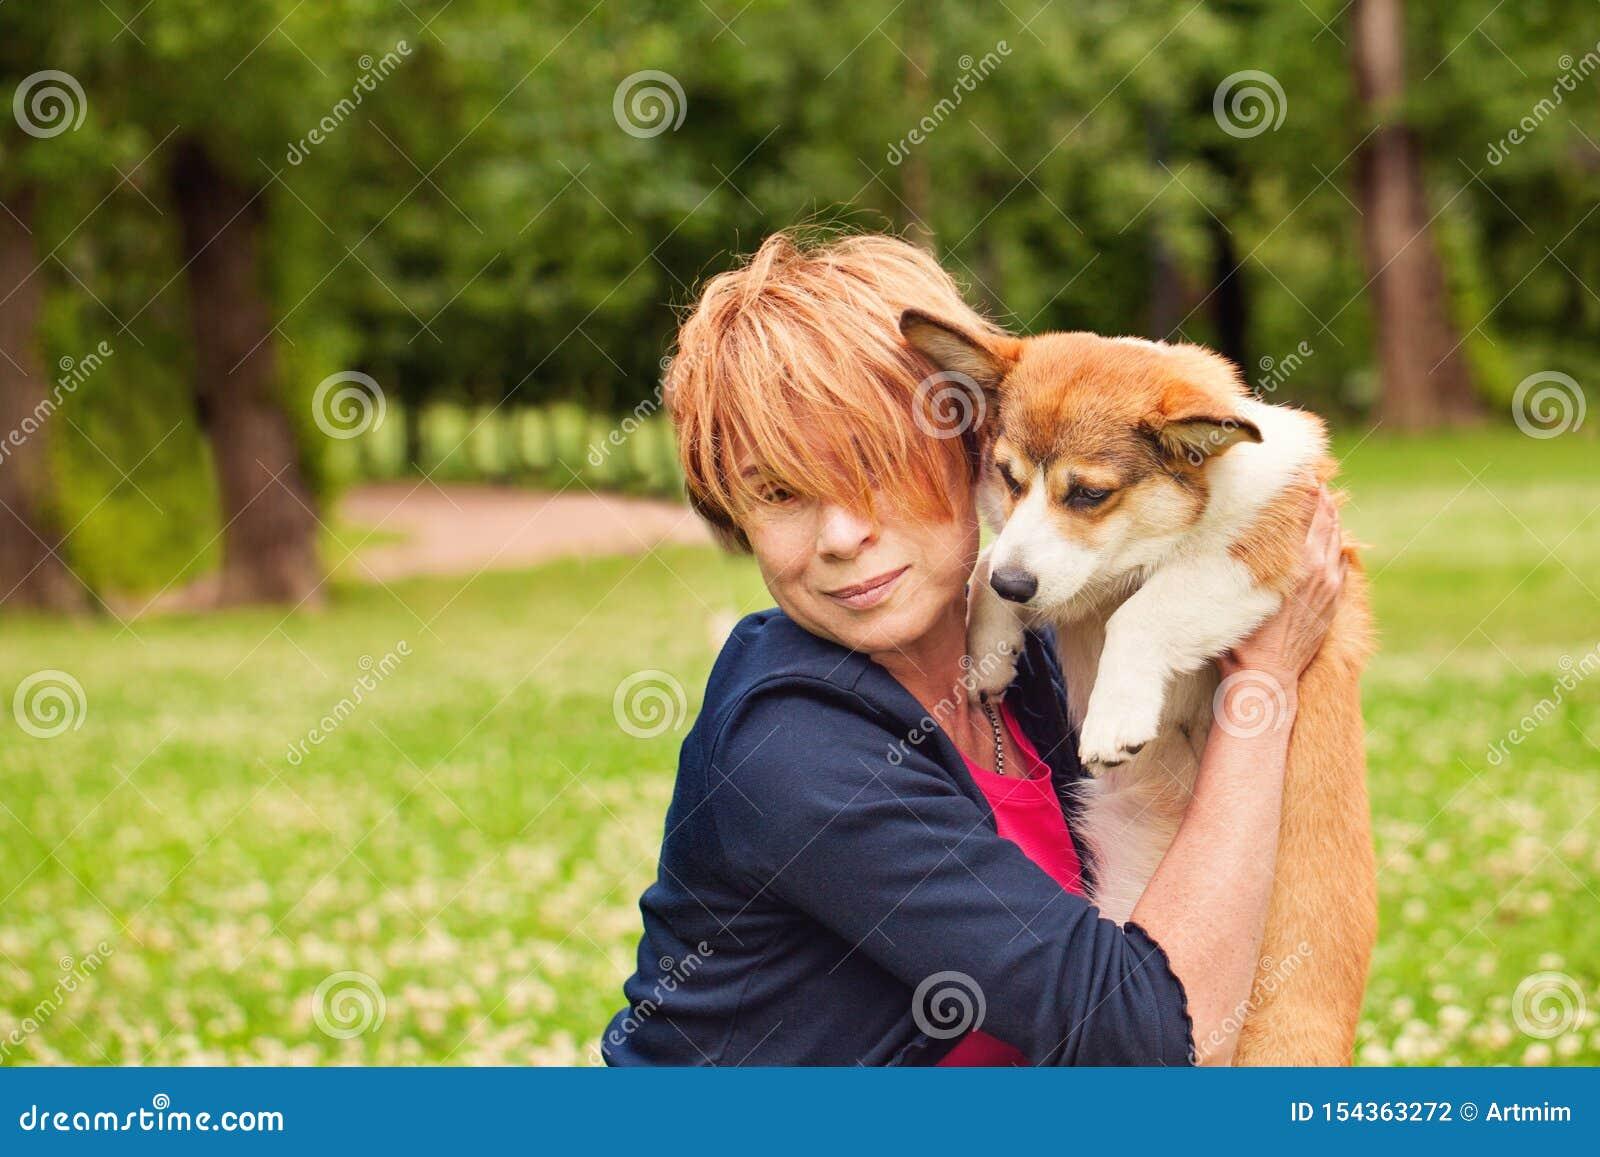 Ευτυχής ώριμη γυναίκα με το κατοικίδιο ζώο σκυλιών κουταβιών στο θερινό πάρκο